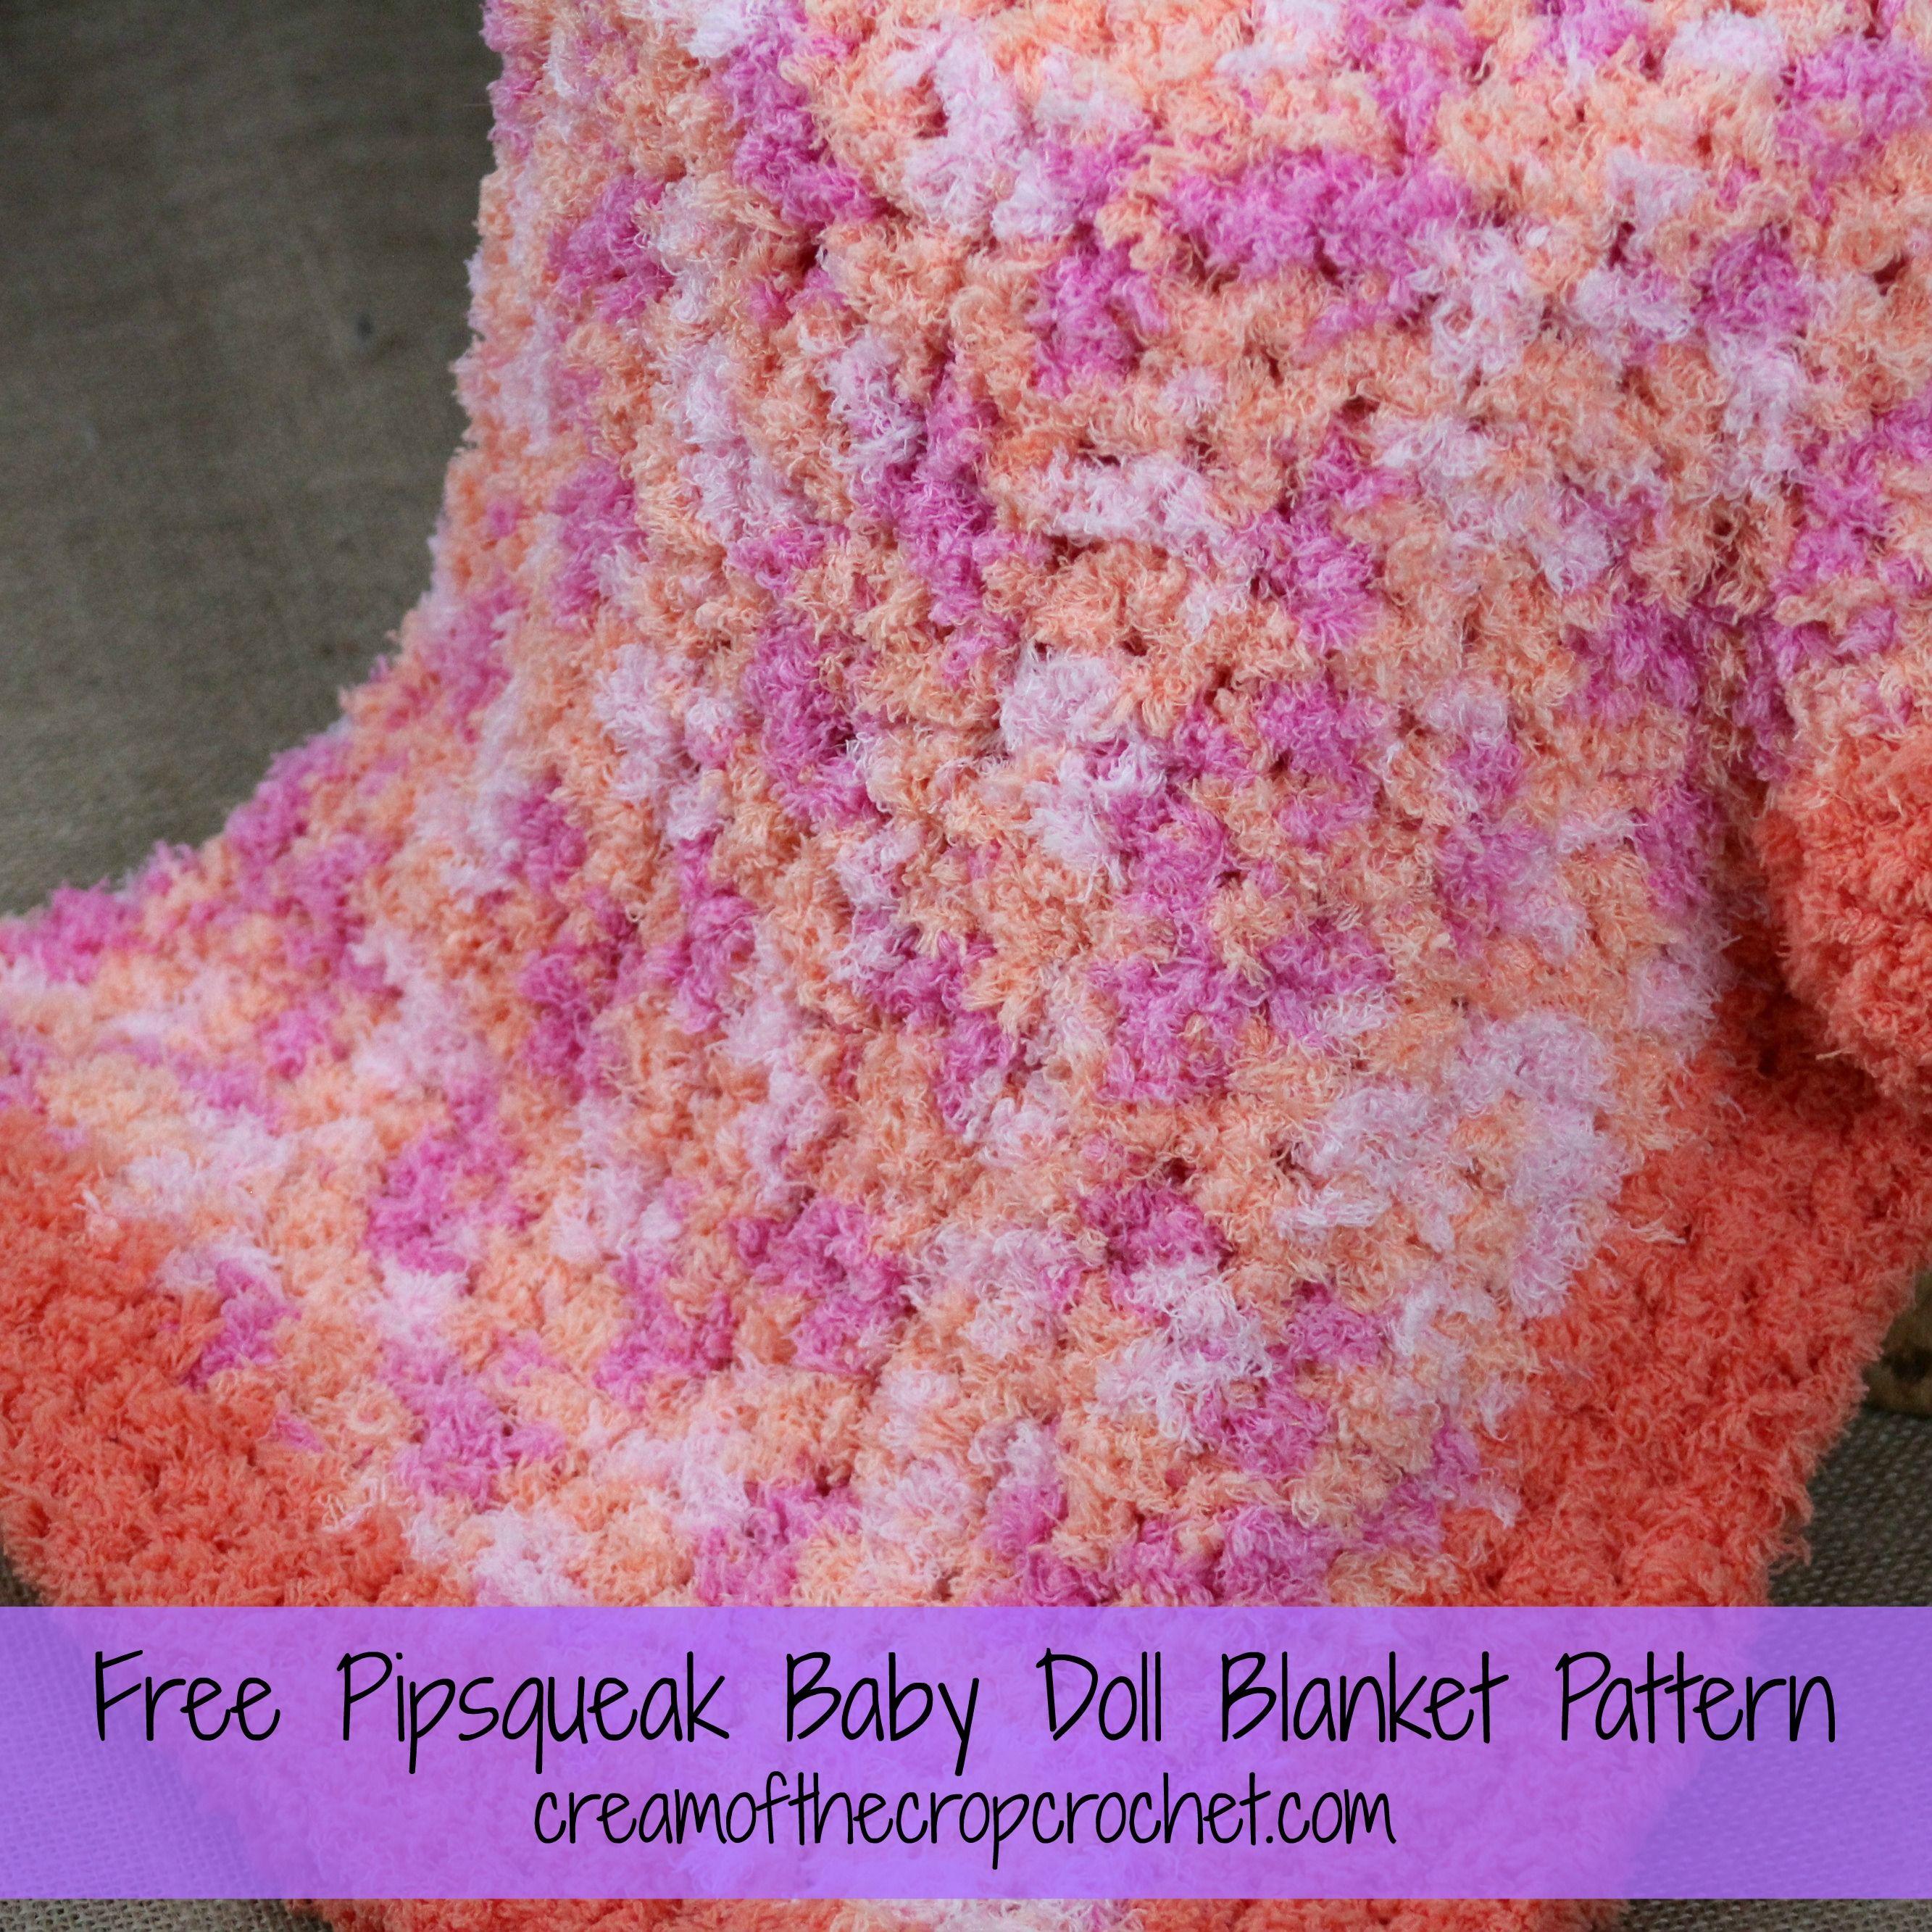 Make this preemie blanket with 2 skeins of Bernat pipsqueak yarn ...